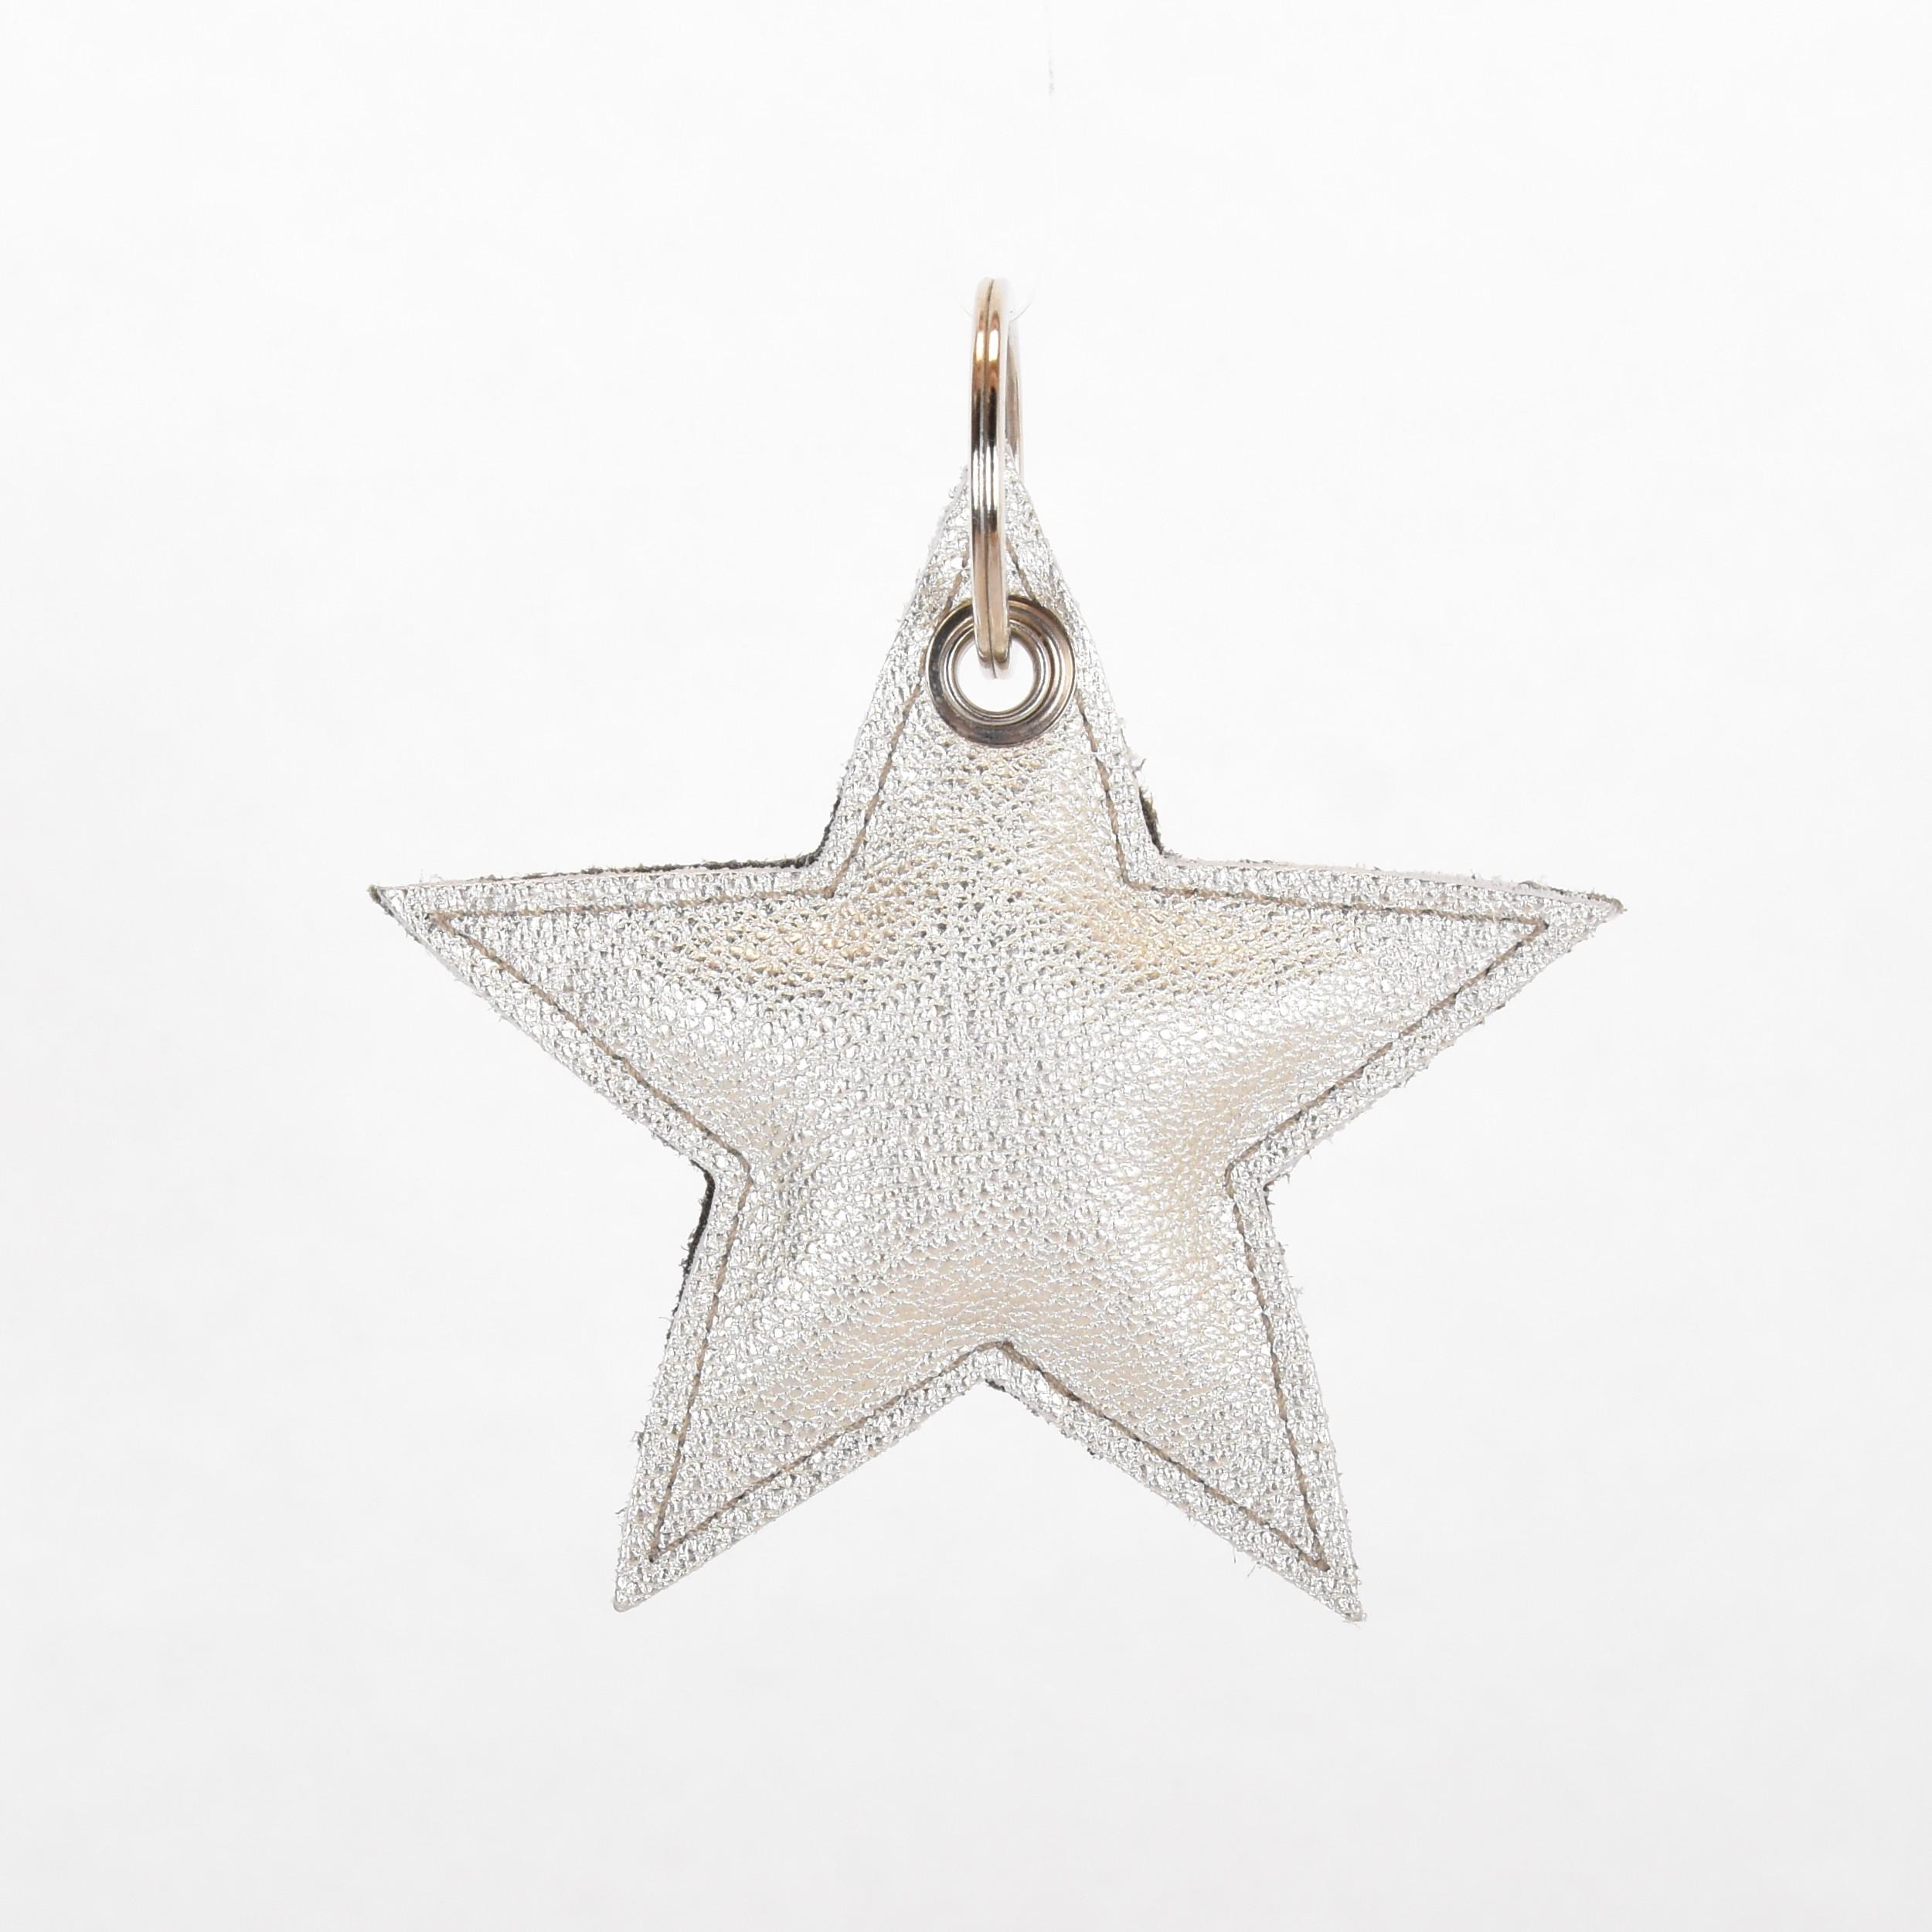 STAR ARGENT 1